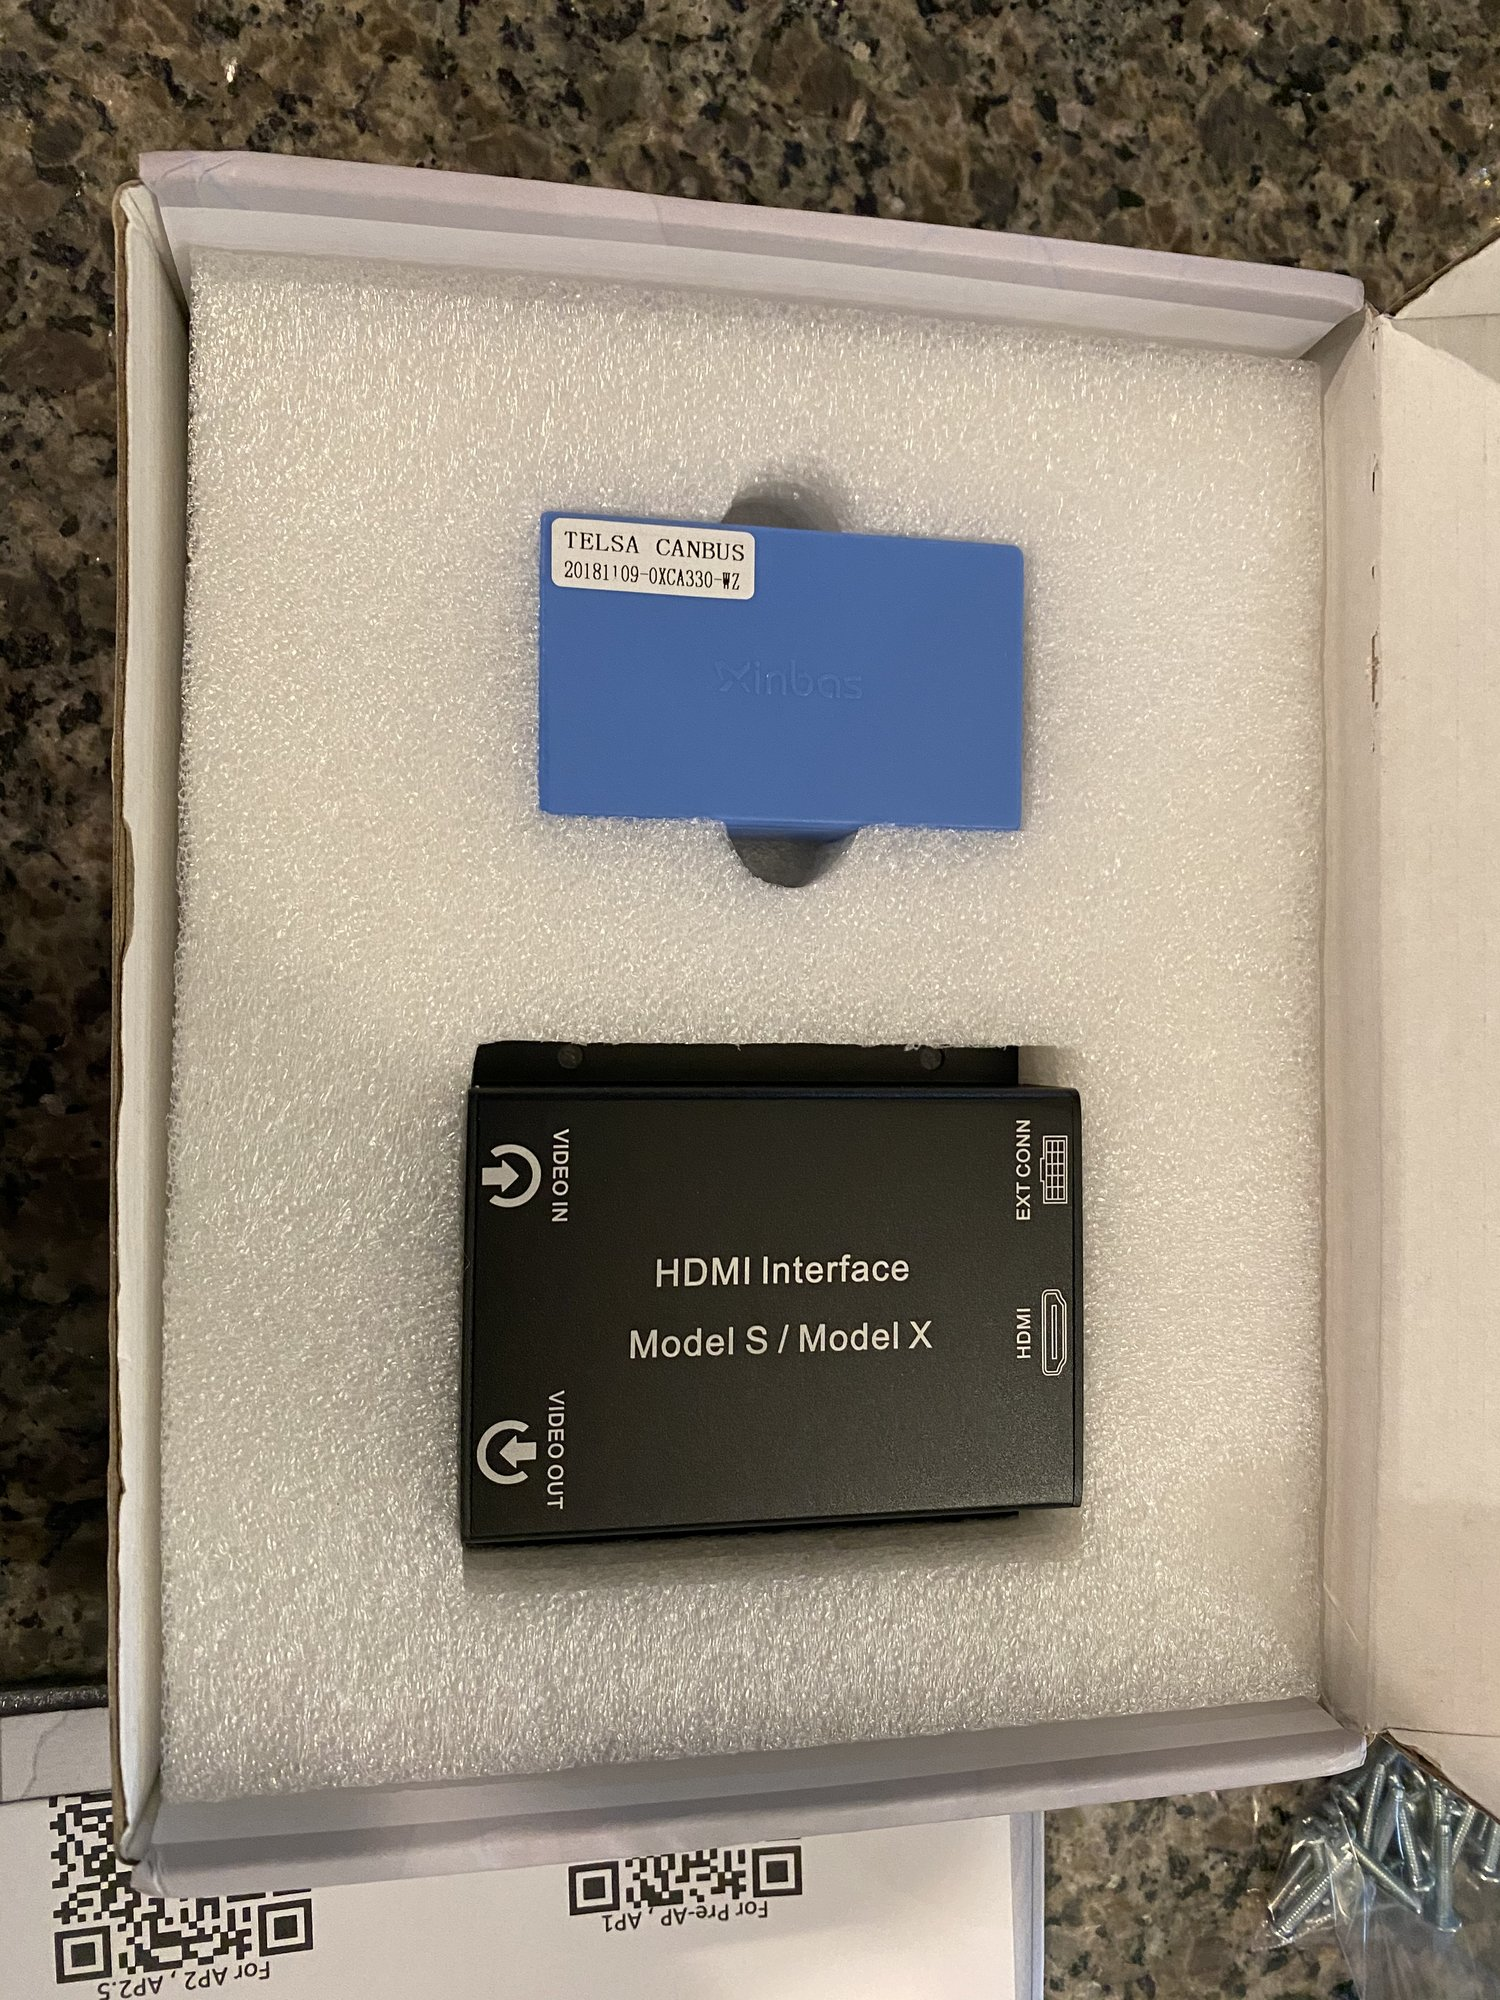 E9A63528-157D-44F8-8879-41E8BDC64A58.jpeg